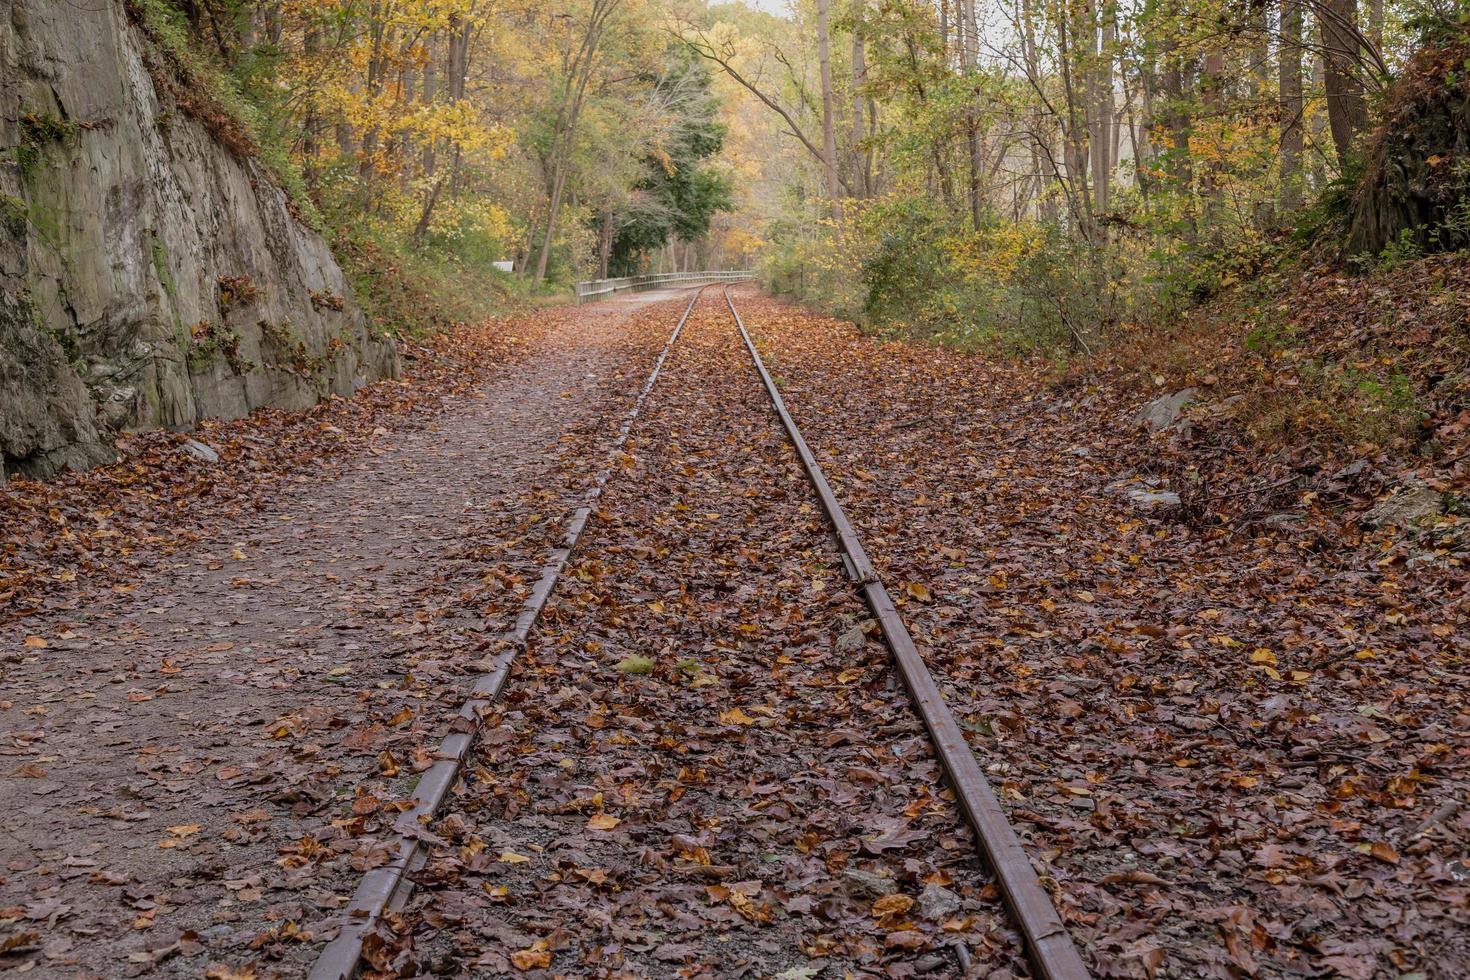 järnvägsspår korsade med fallna löv foto